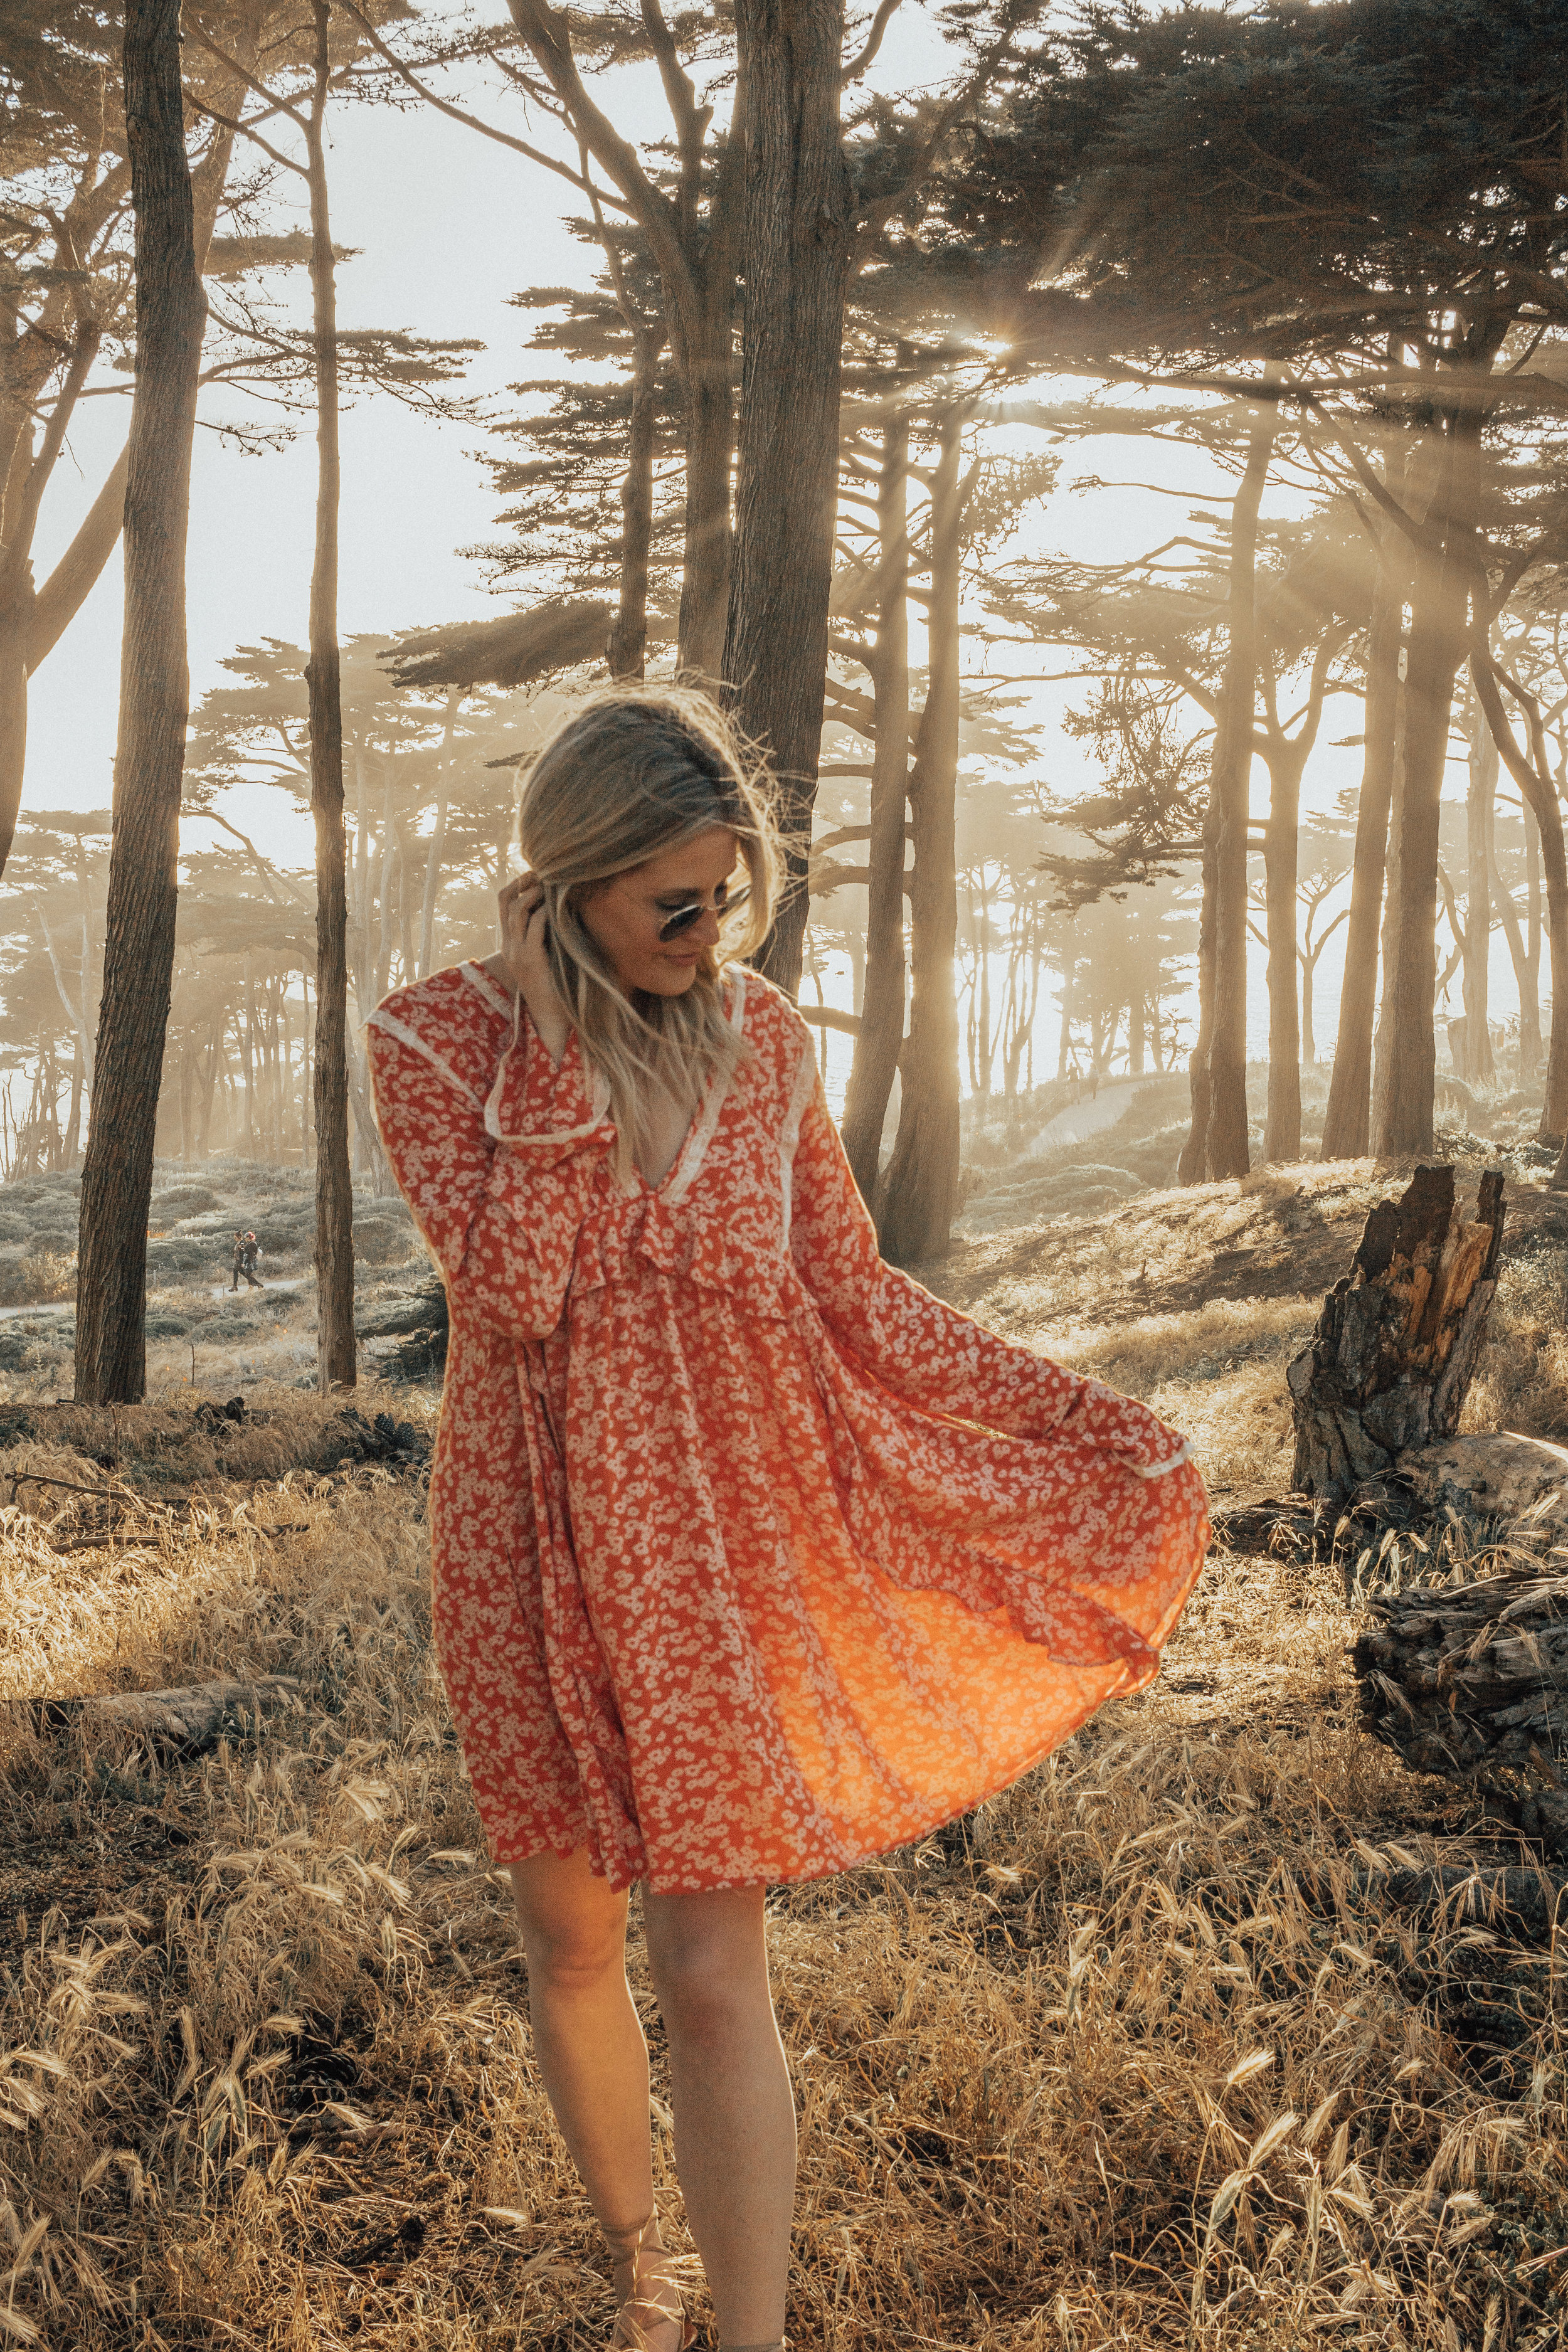 free-people-like-you-best-printed-dress-15.jpg